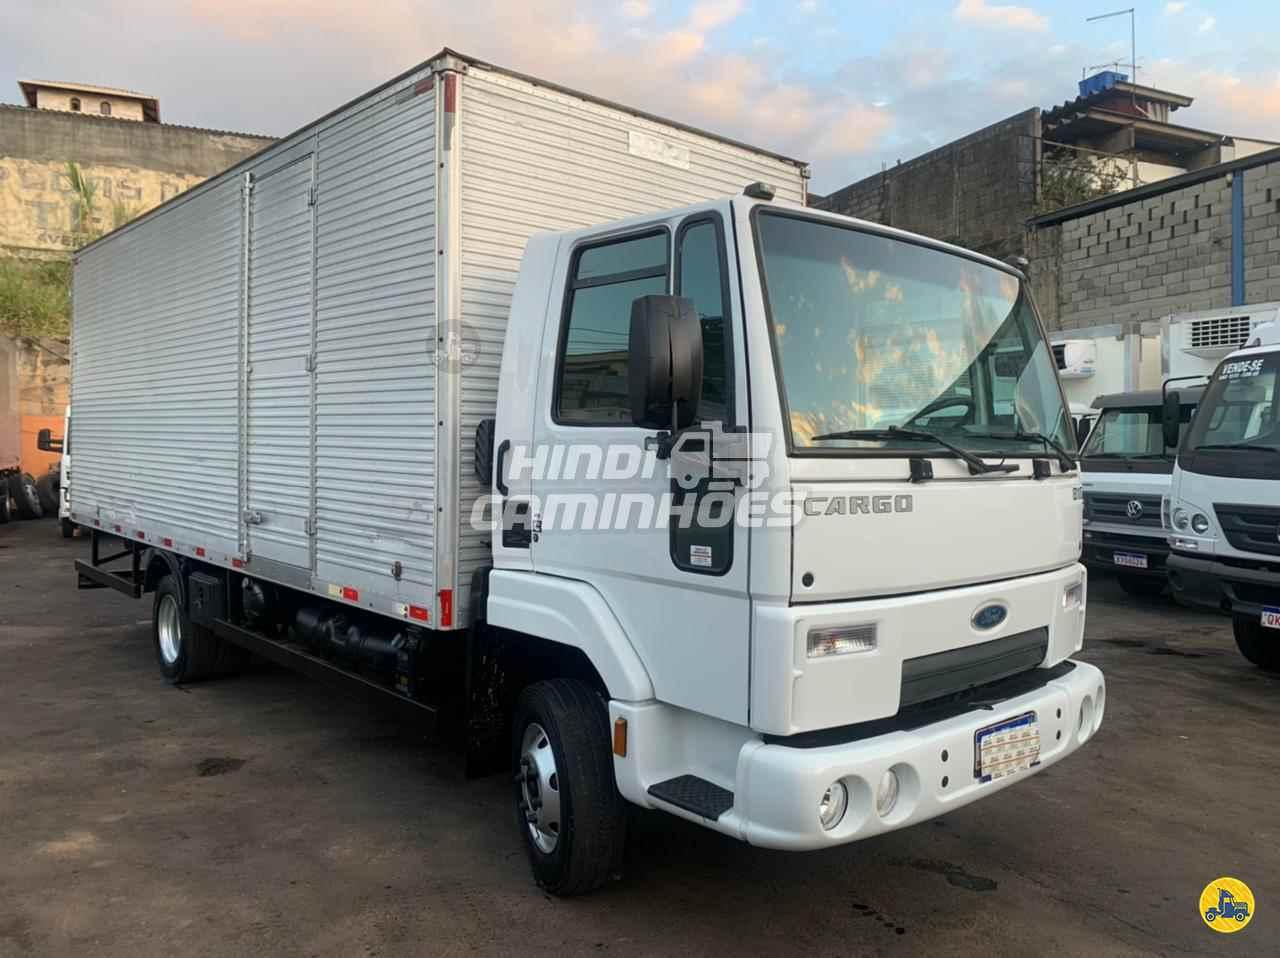 CARGO 816 de Hindi Caminhões - CONTAGEM/MG